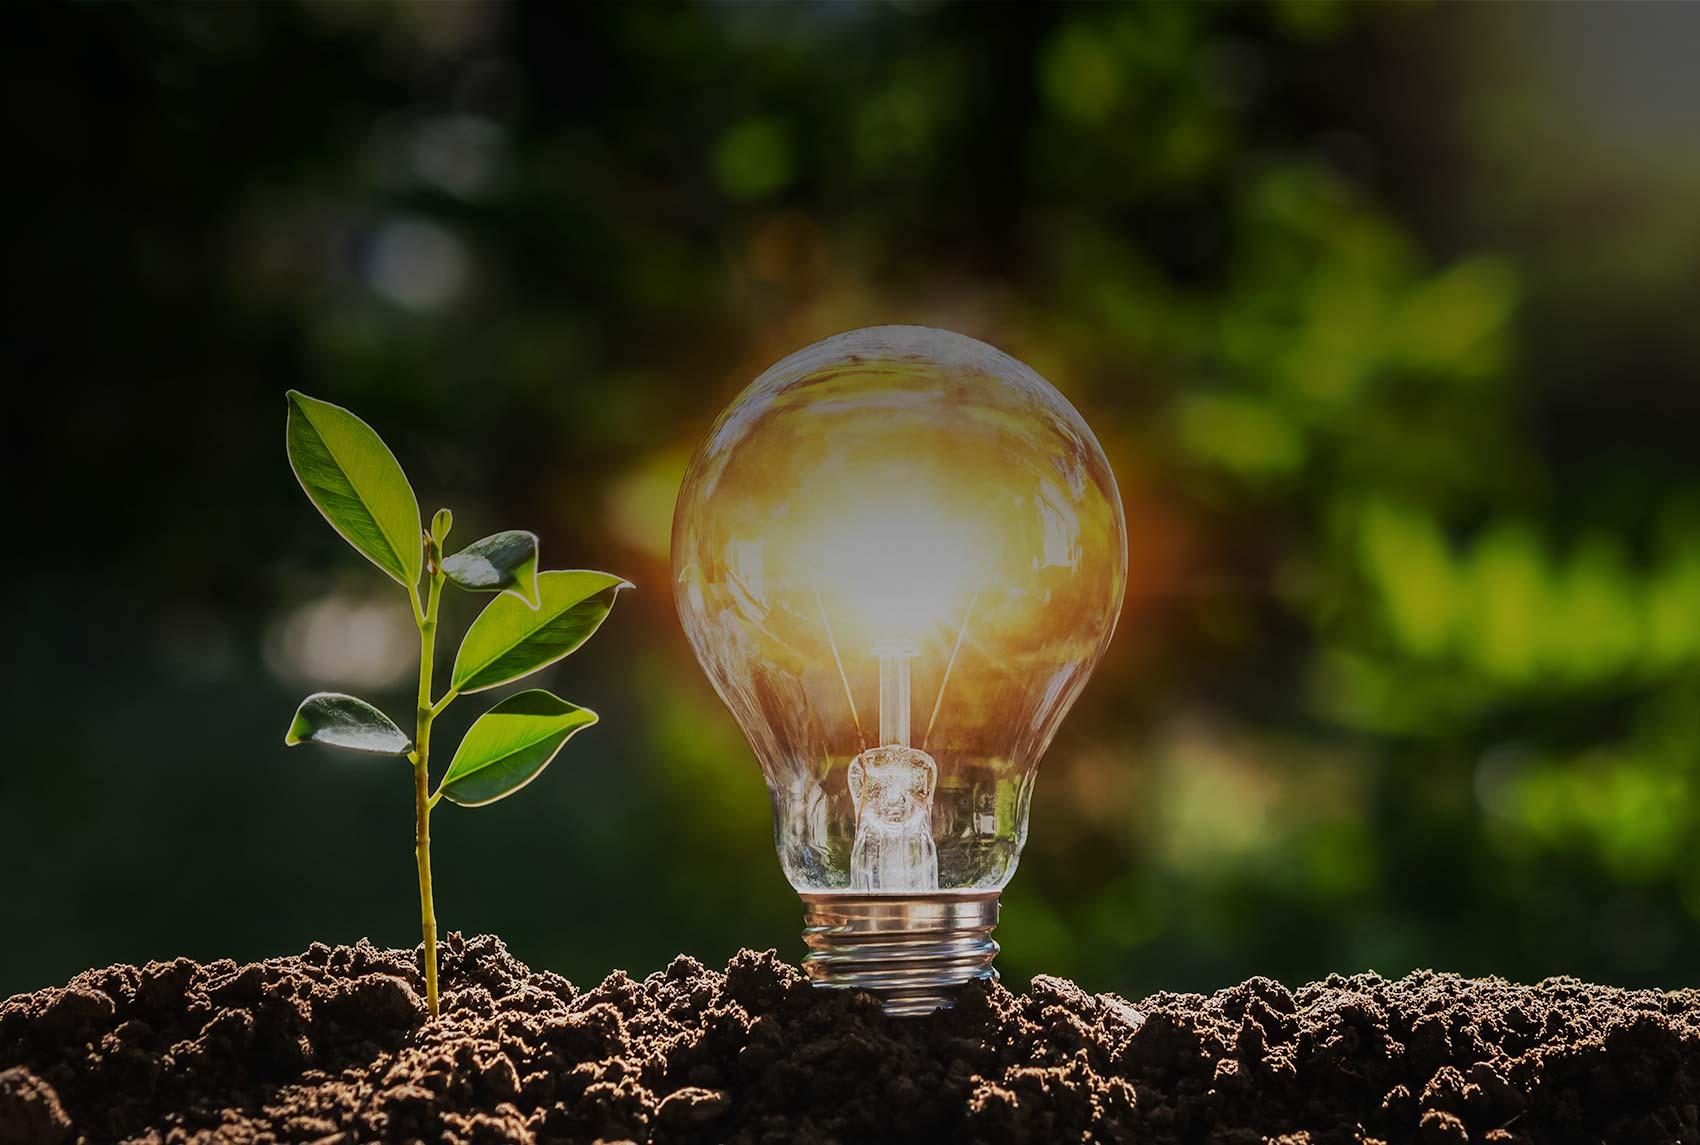 Änderungen des Energieeffizienzgesetzes und Entscheidungsfindung zur energetischen Sanierung von Mehrfamilienhäusern